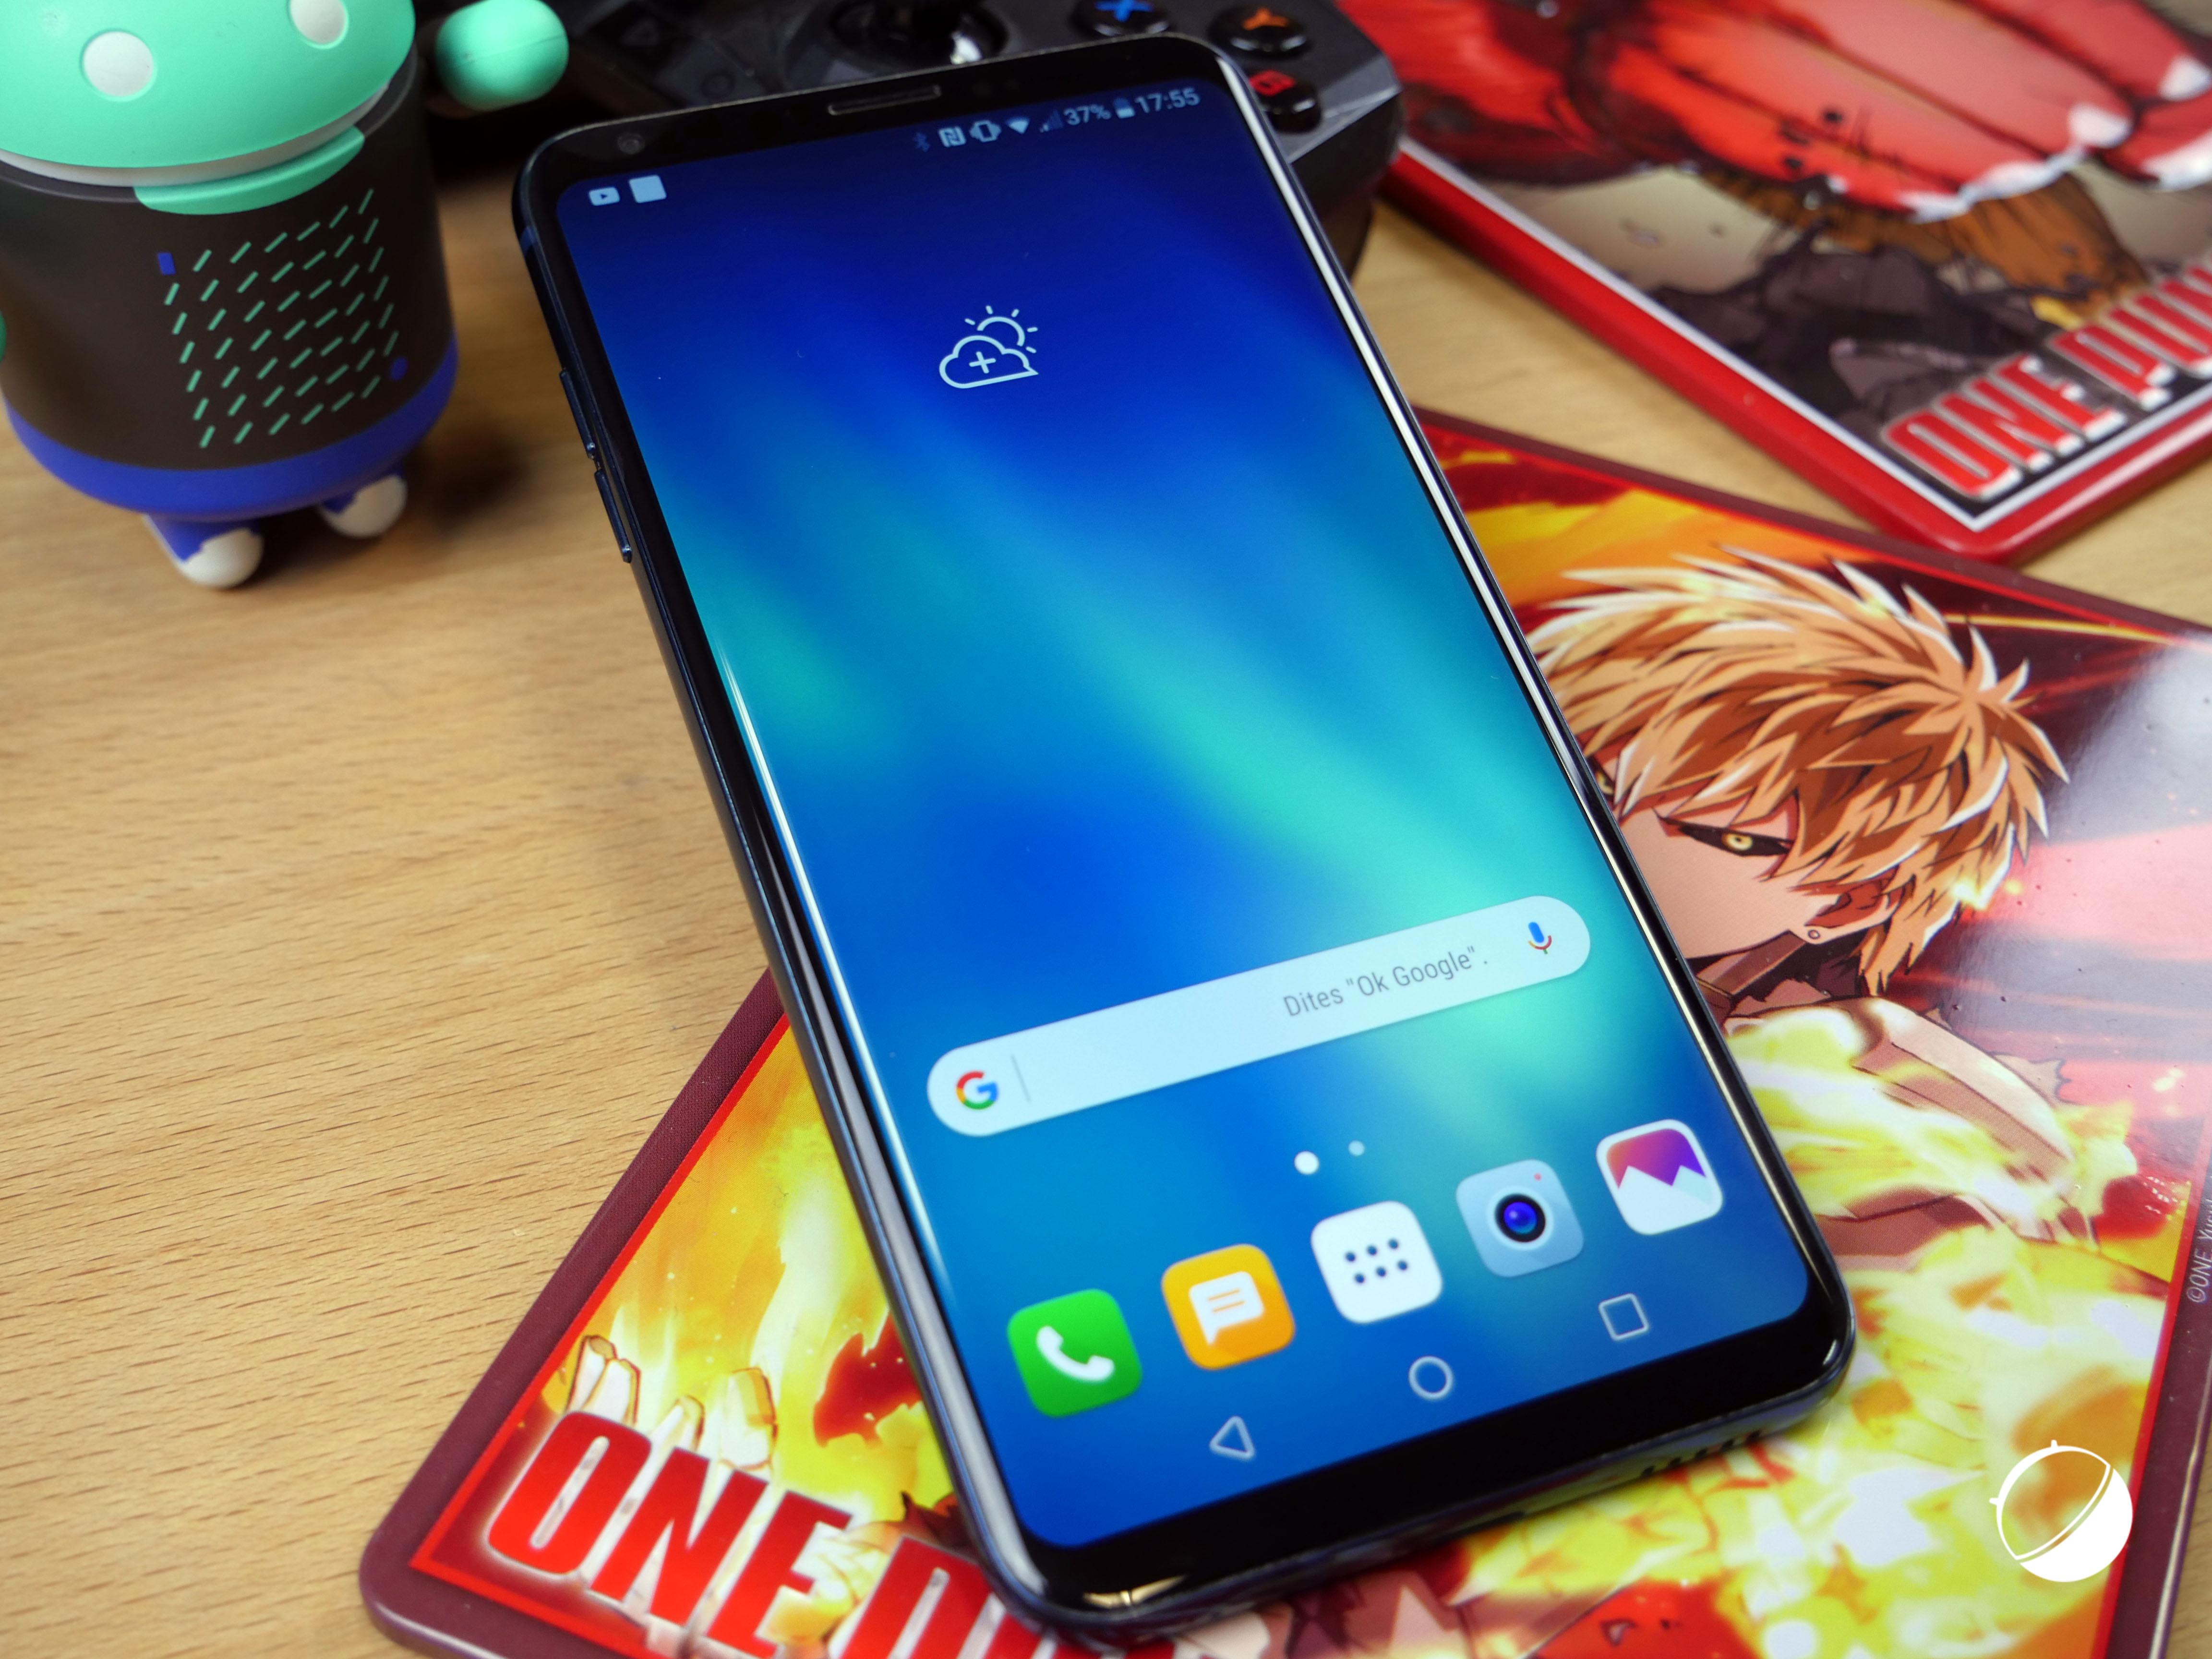 C'est confirmé, un nouveau LG V30 sera présenté au MWC 2018